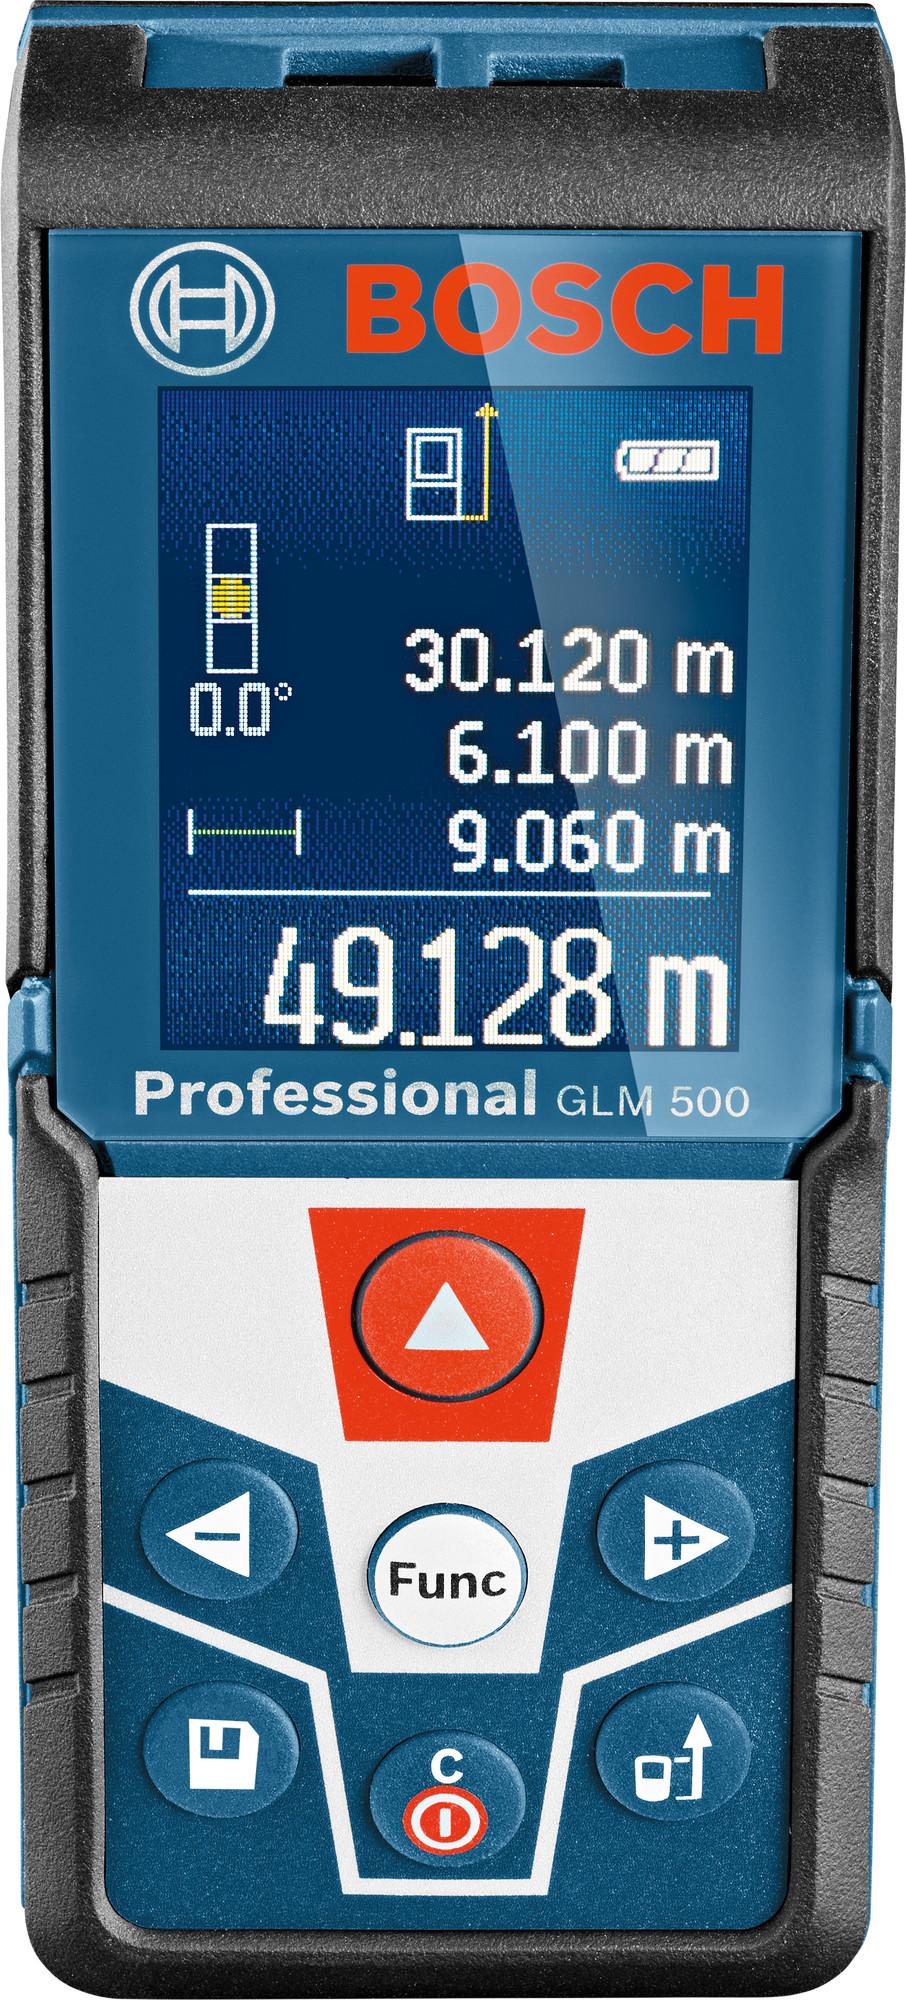 Laser Entfernungsmesser Neigungsmessung : Laser entfernungsmesser bosch glm c professional · jetzt